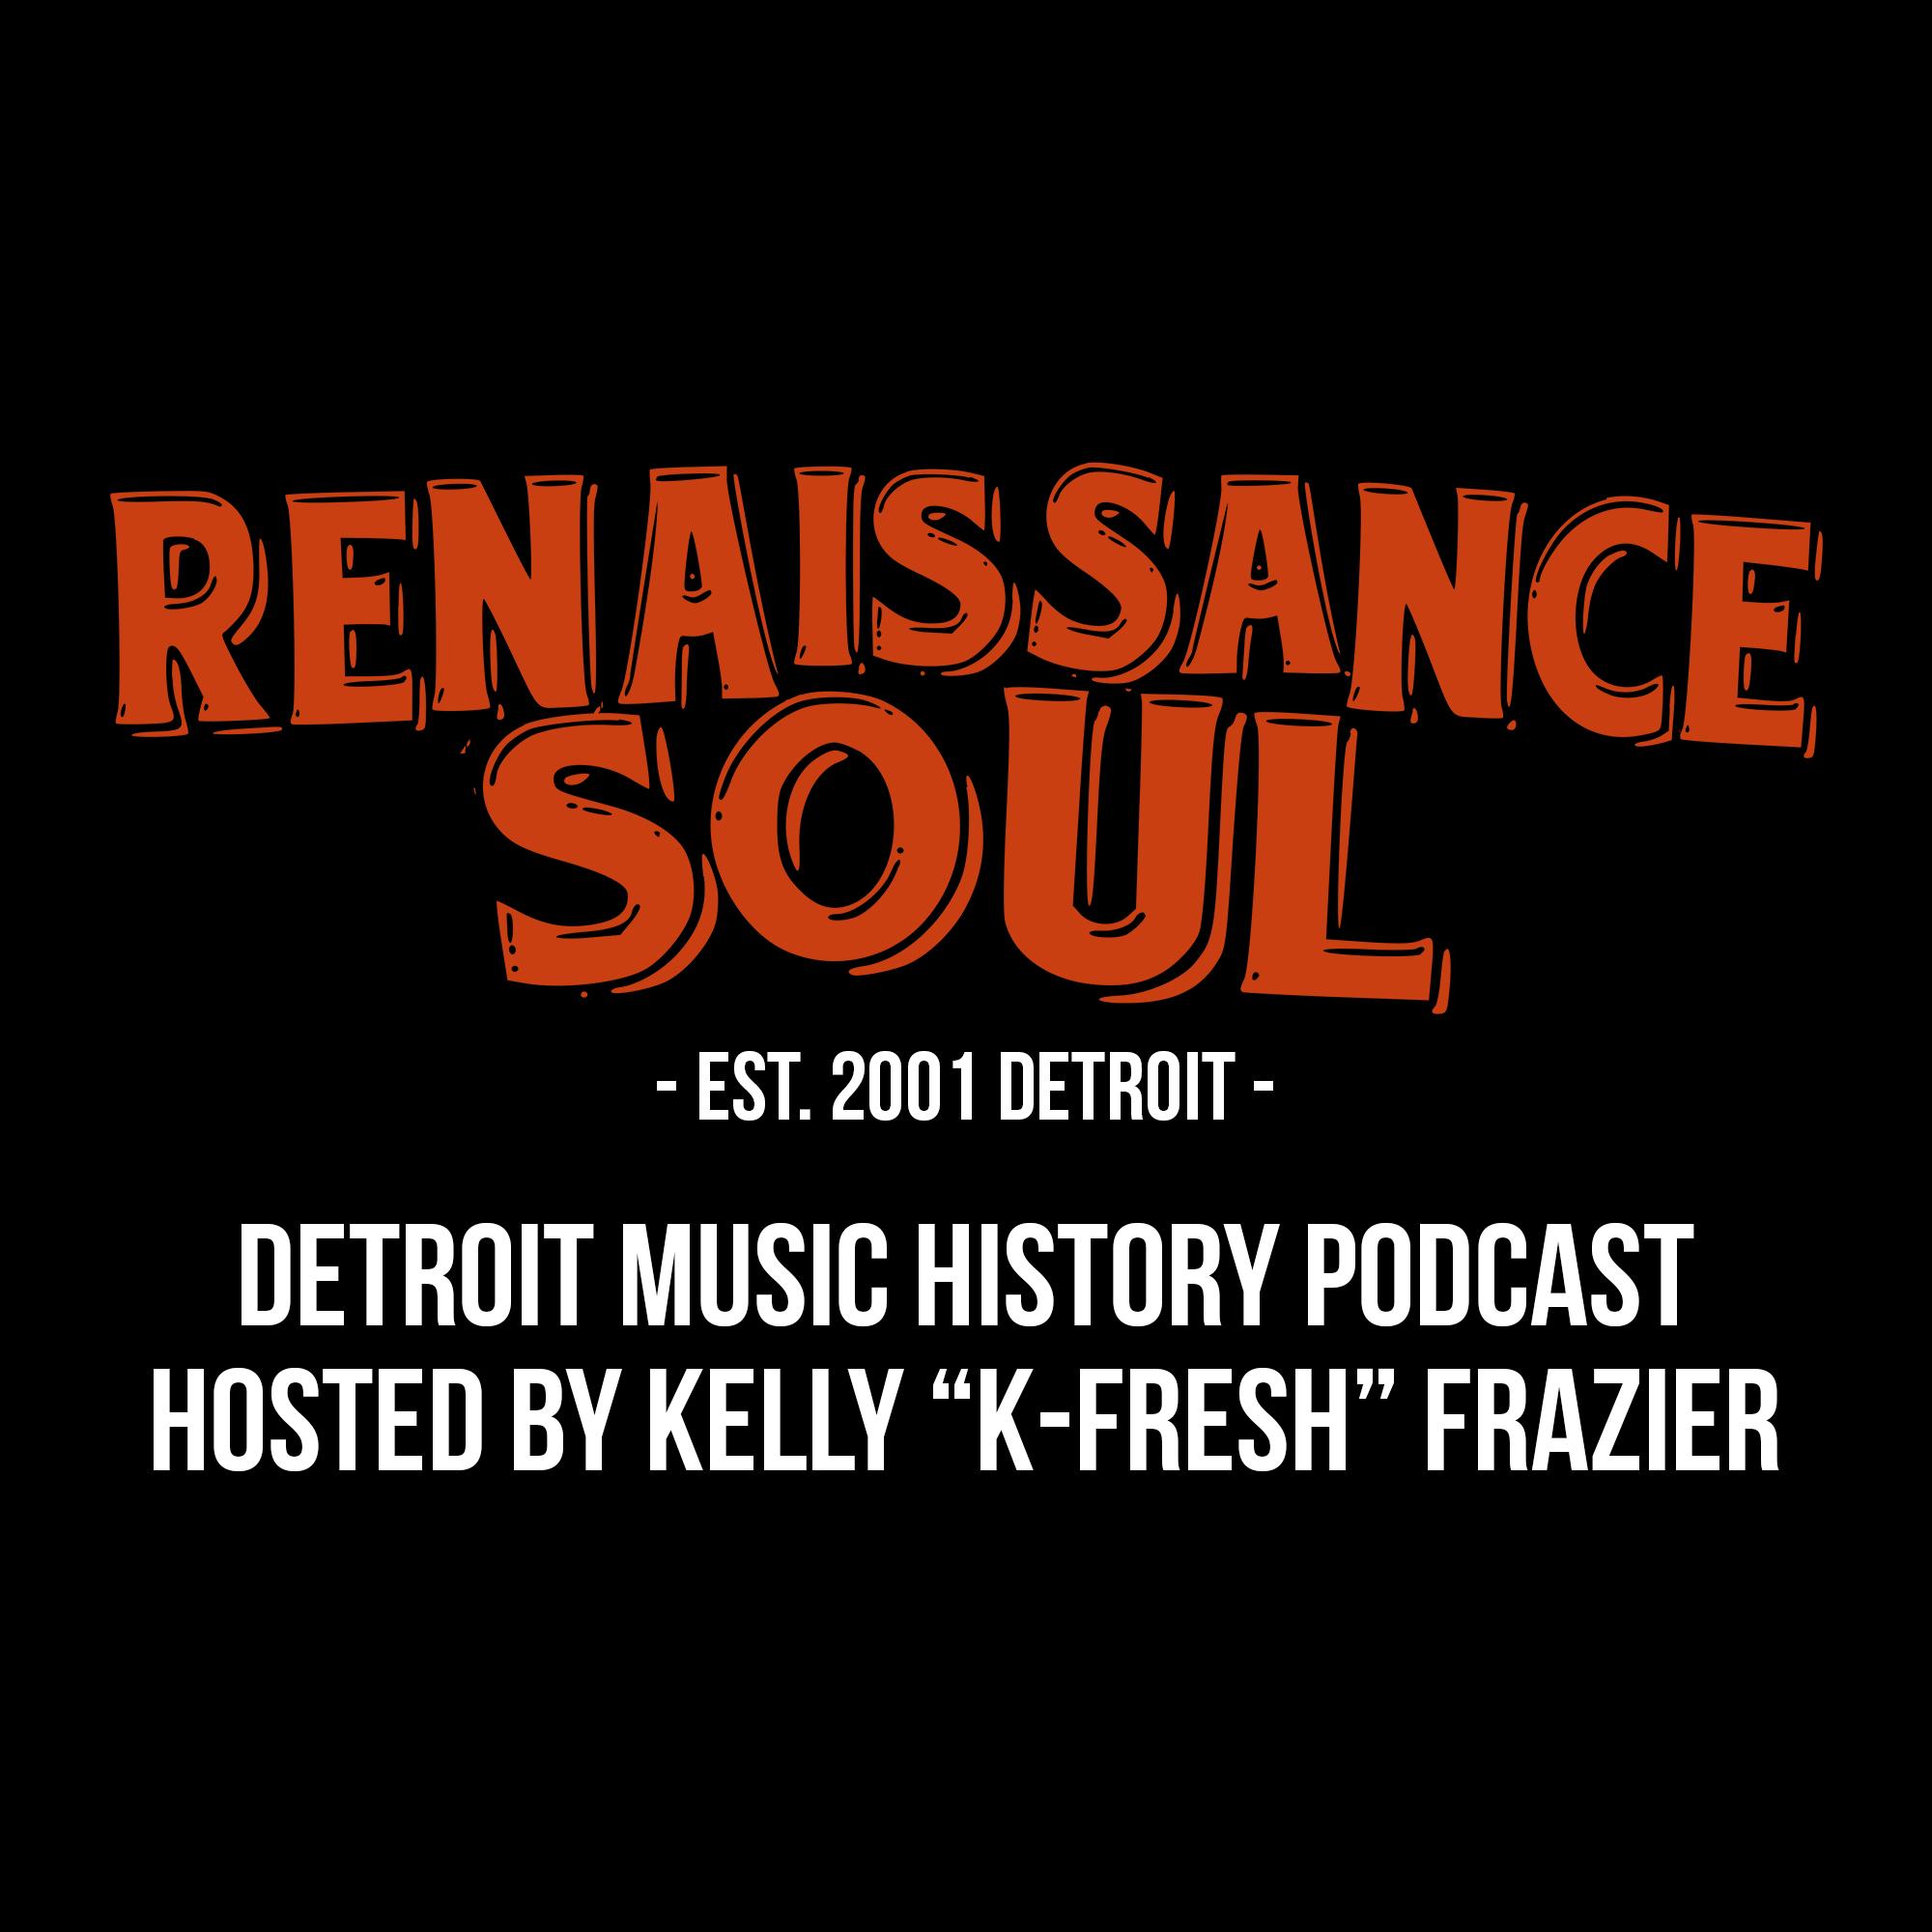 Renaissance Soul Podcast Image